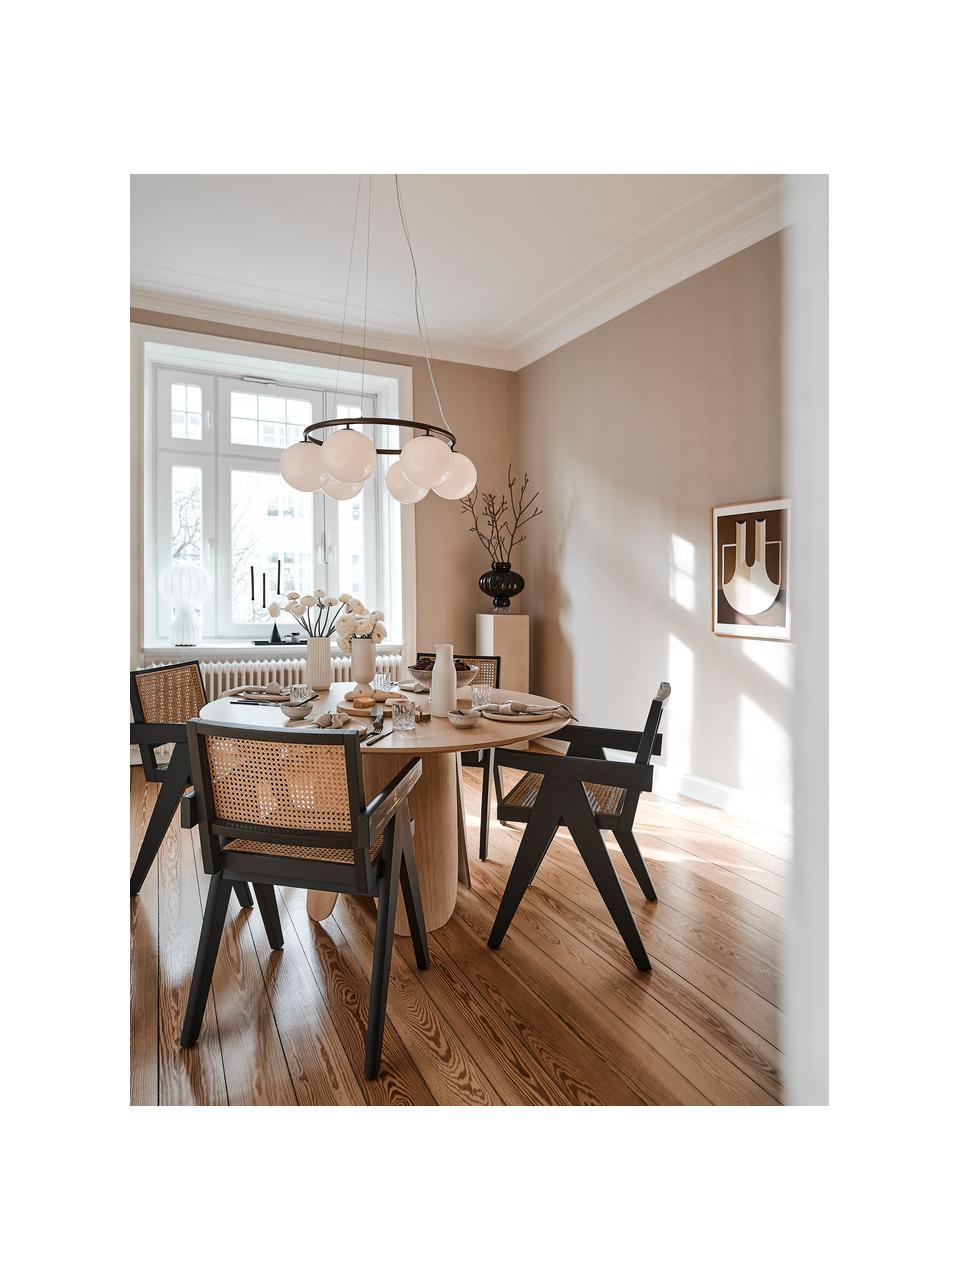 Sedia con braccioli e intreccio viennese Sissi, Struttura: legno massiccio di faggio, Seduta: rattan, Legno di faggio, Larg. 52 x Prof. 58 cm